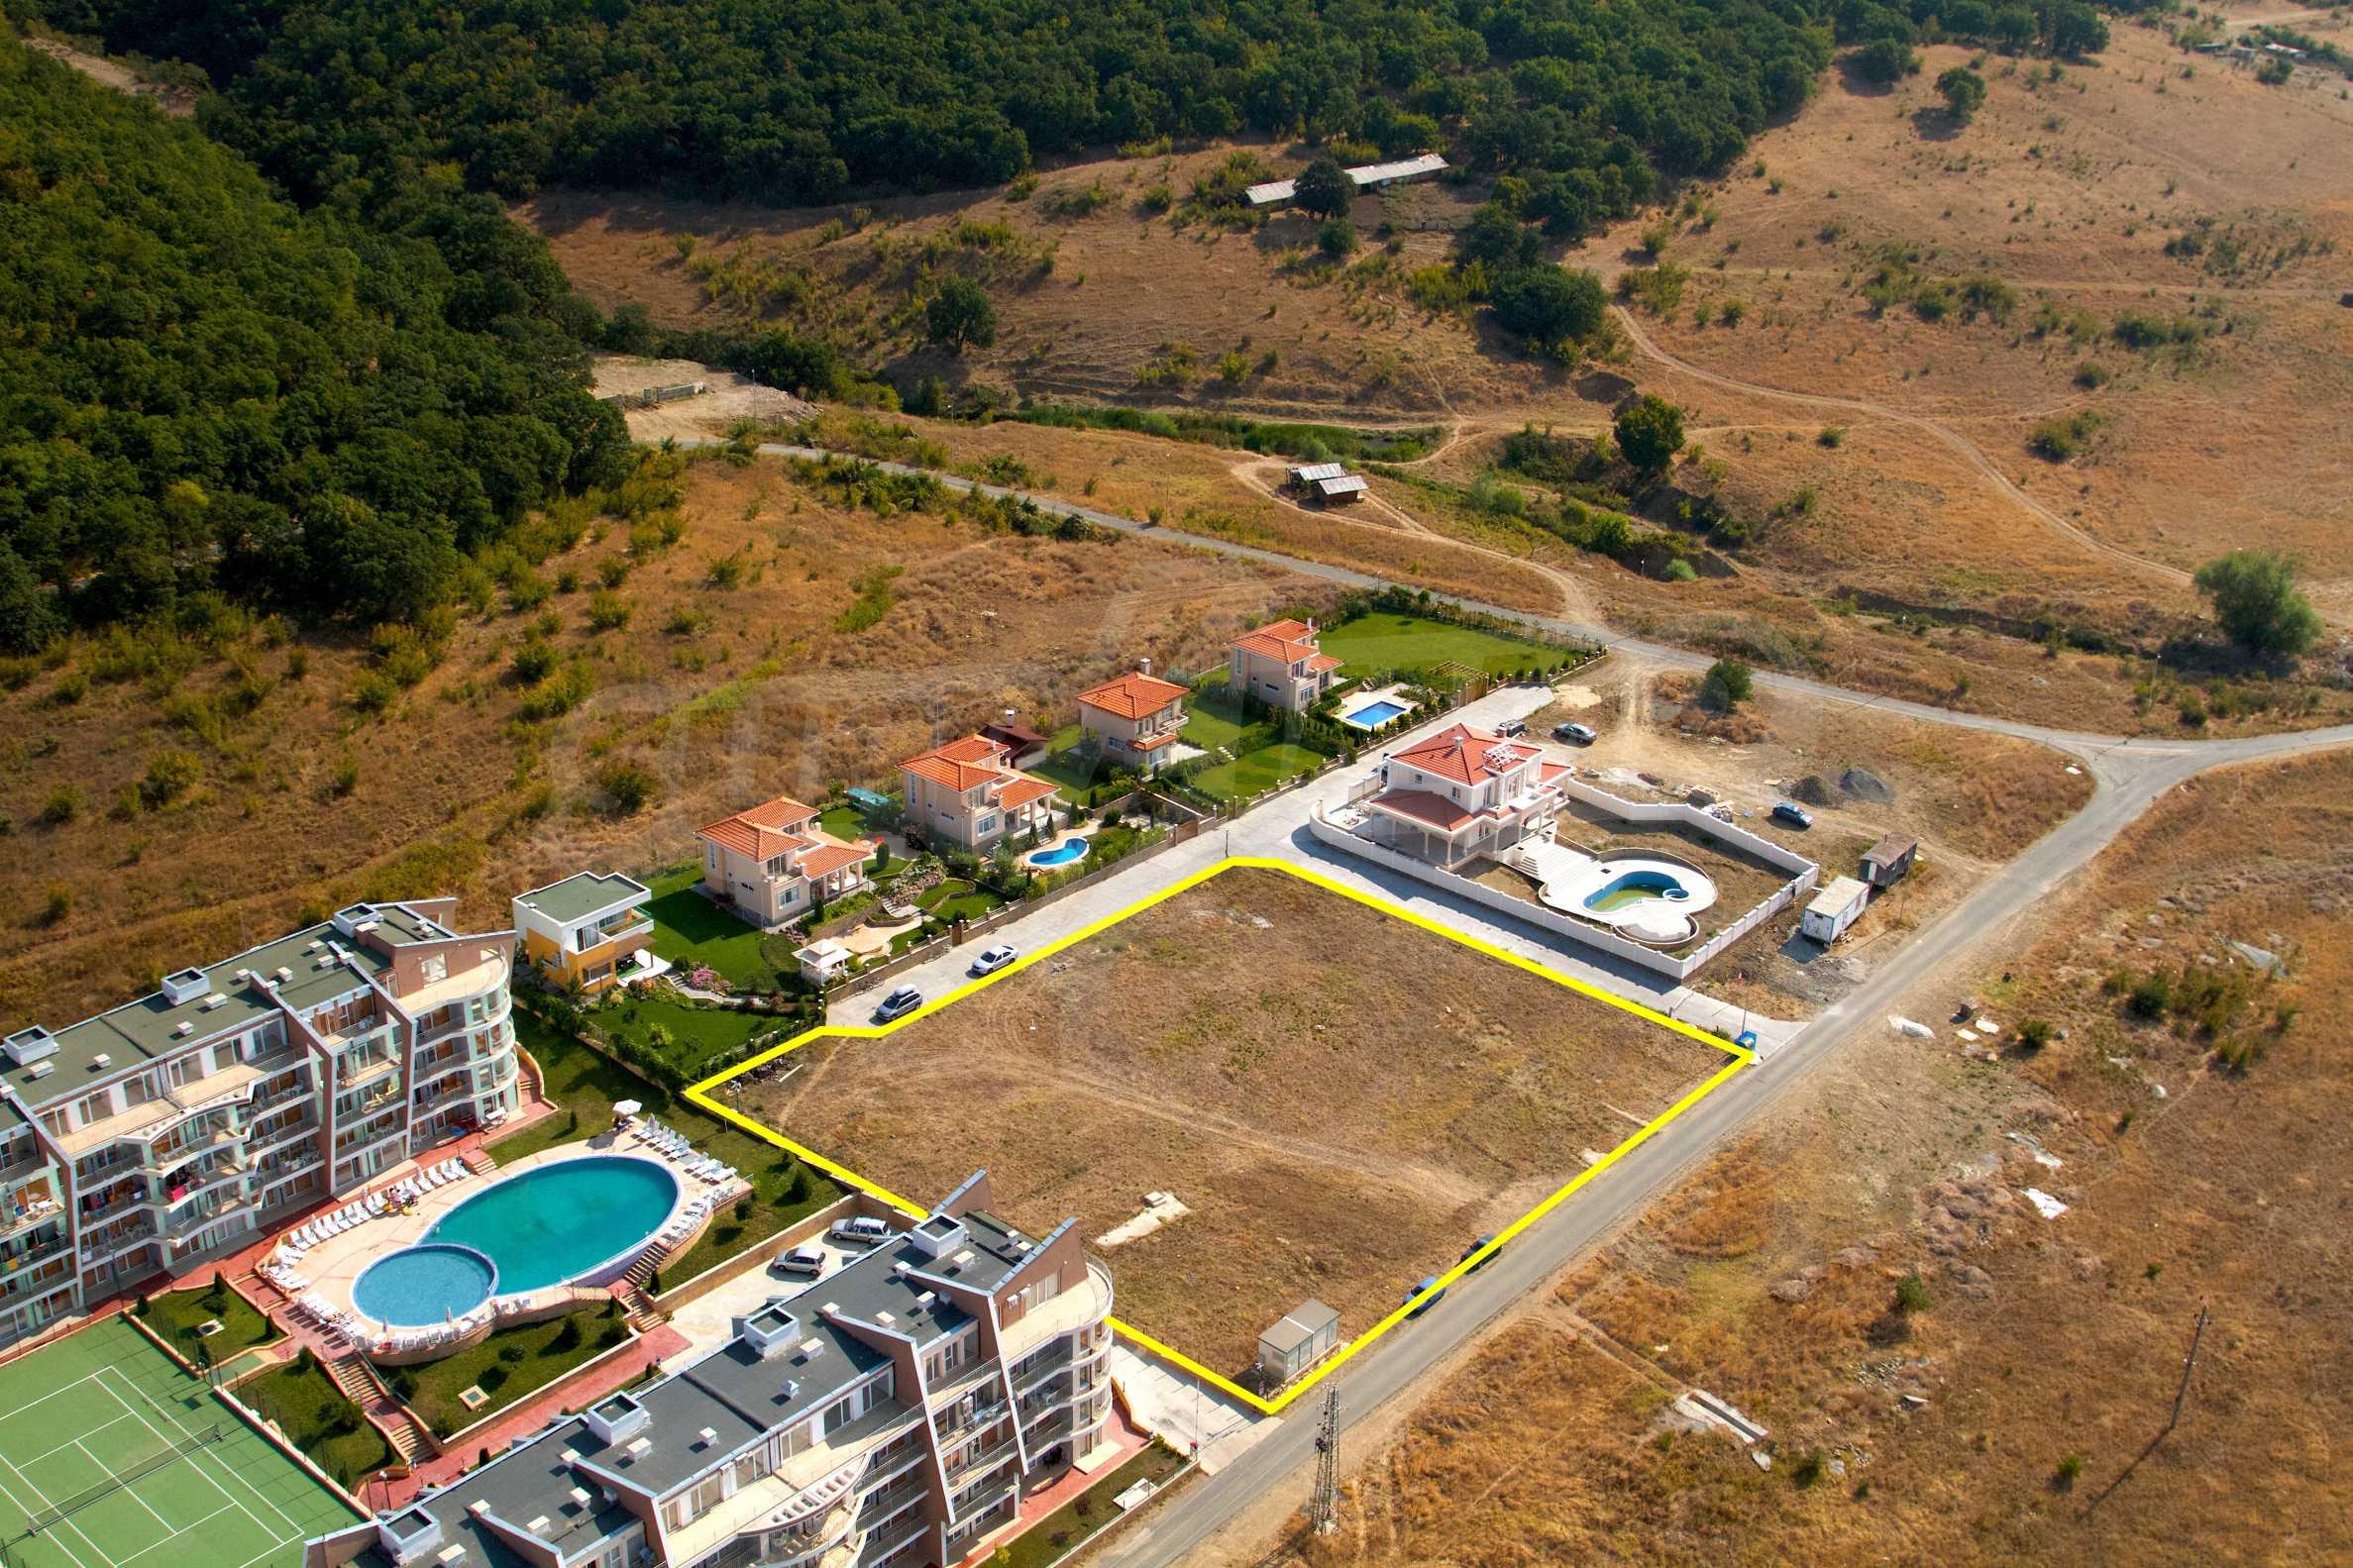 Erschlossene Grundstücke in der luxuriösen Villa-Siedlung SUNSET VILLAS 9